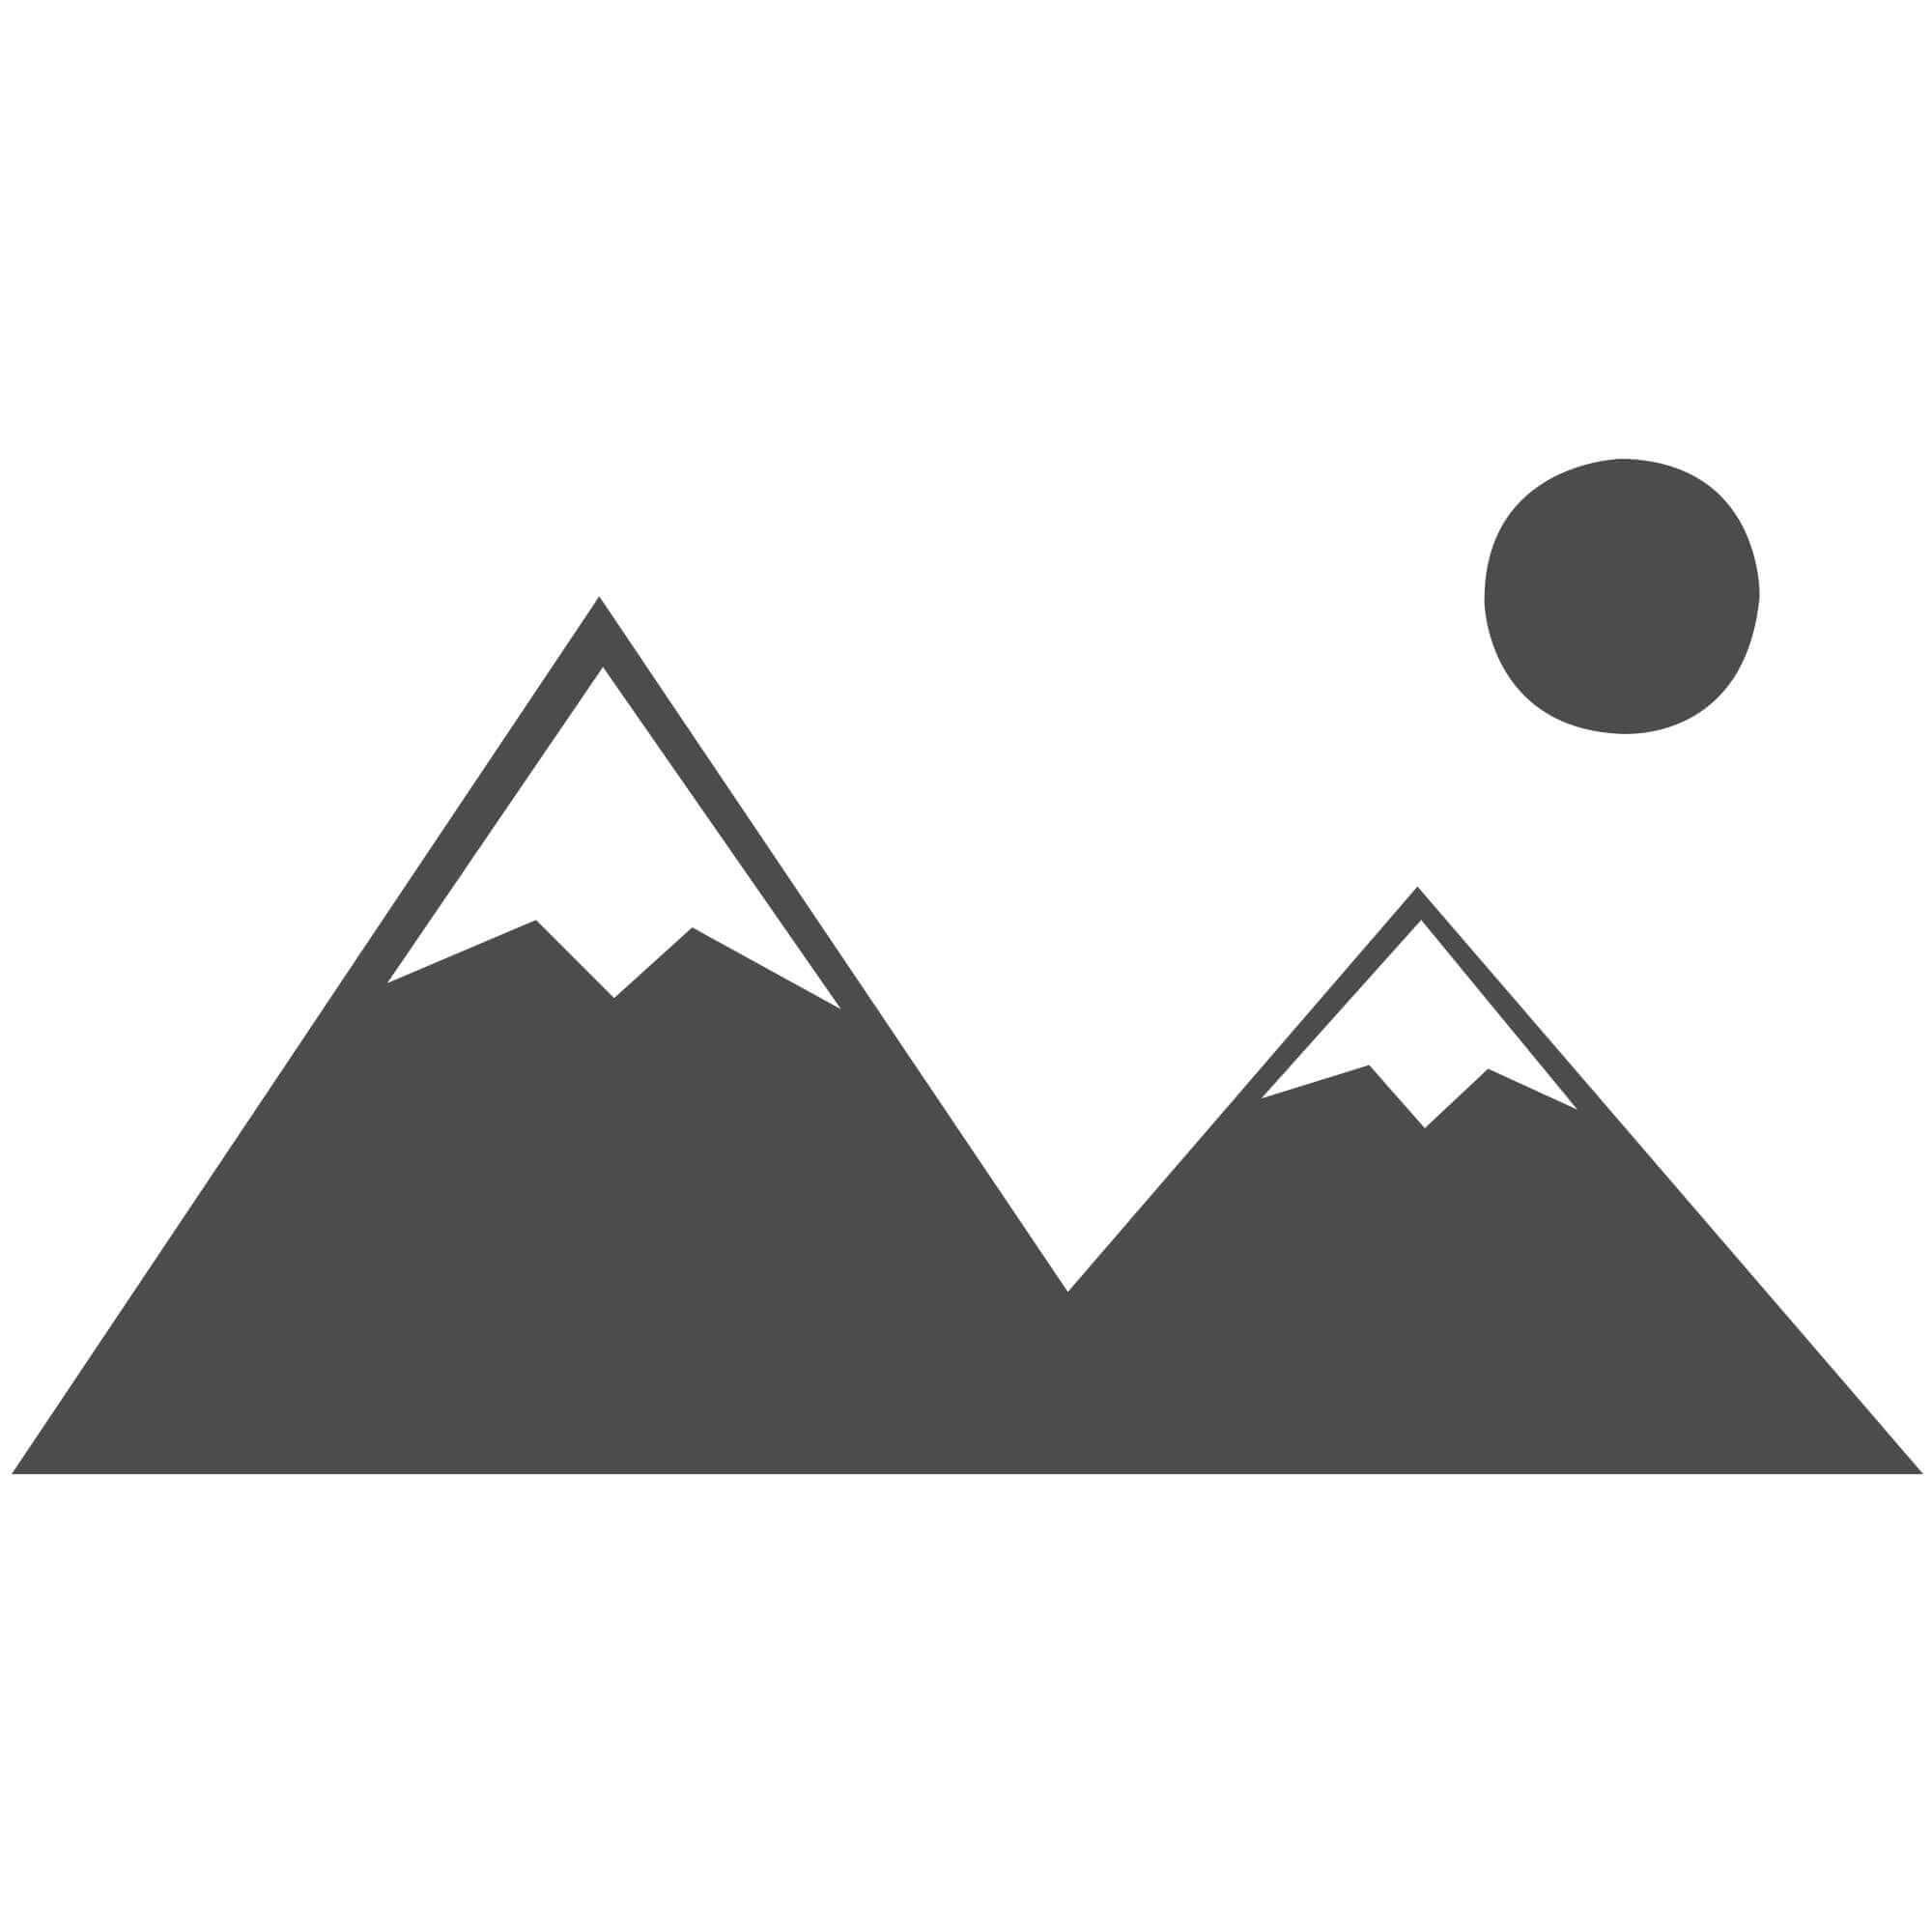 TREND CSB/CC26024 Craft saw blade crosscut 260mm x 24 teeth x 30mm